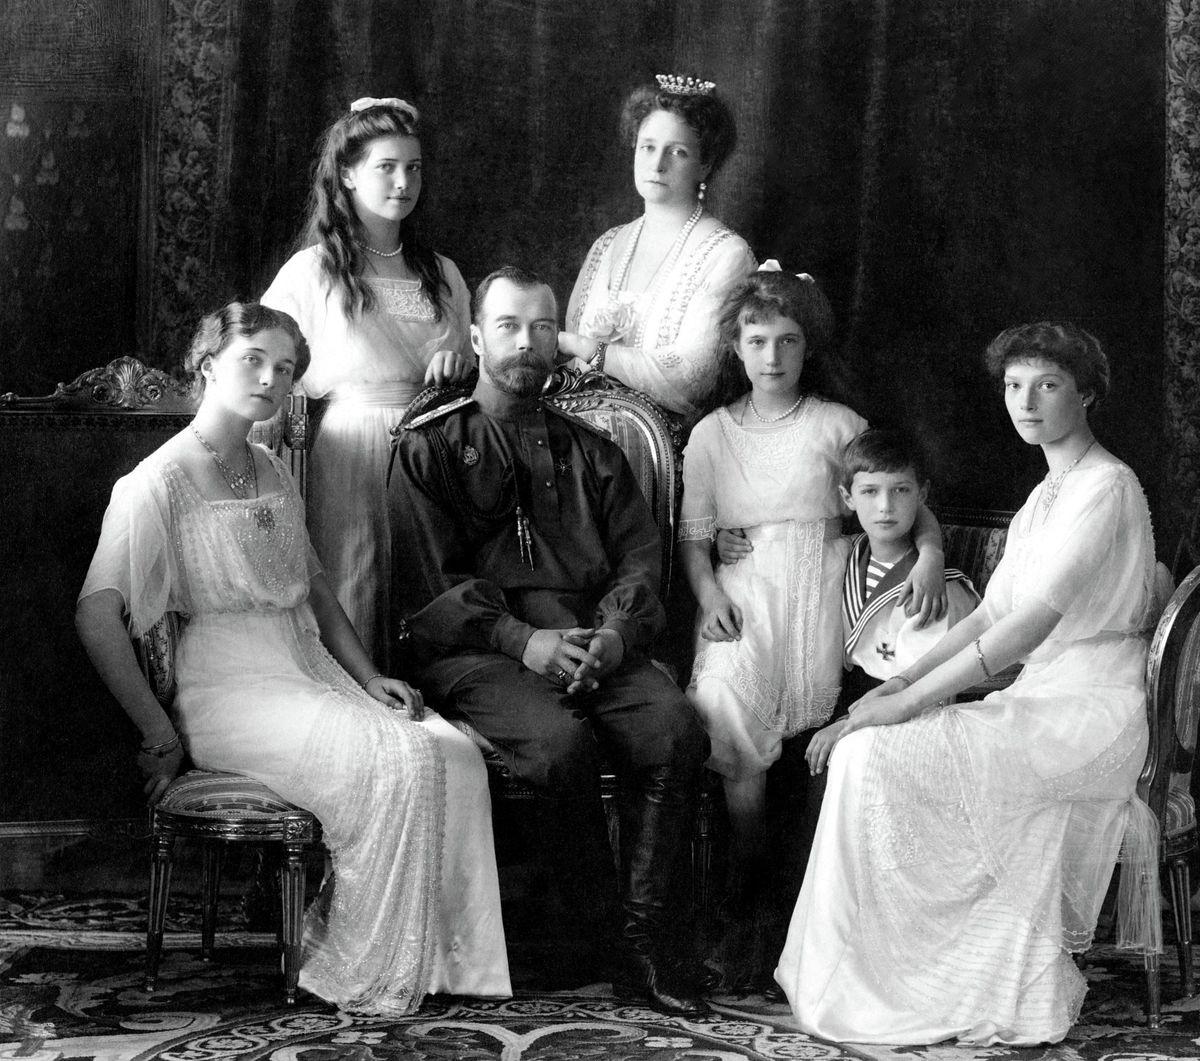 b21ac02d9 Prečo musela zomrieť cárska rodina alebo Mohli za to aj ...